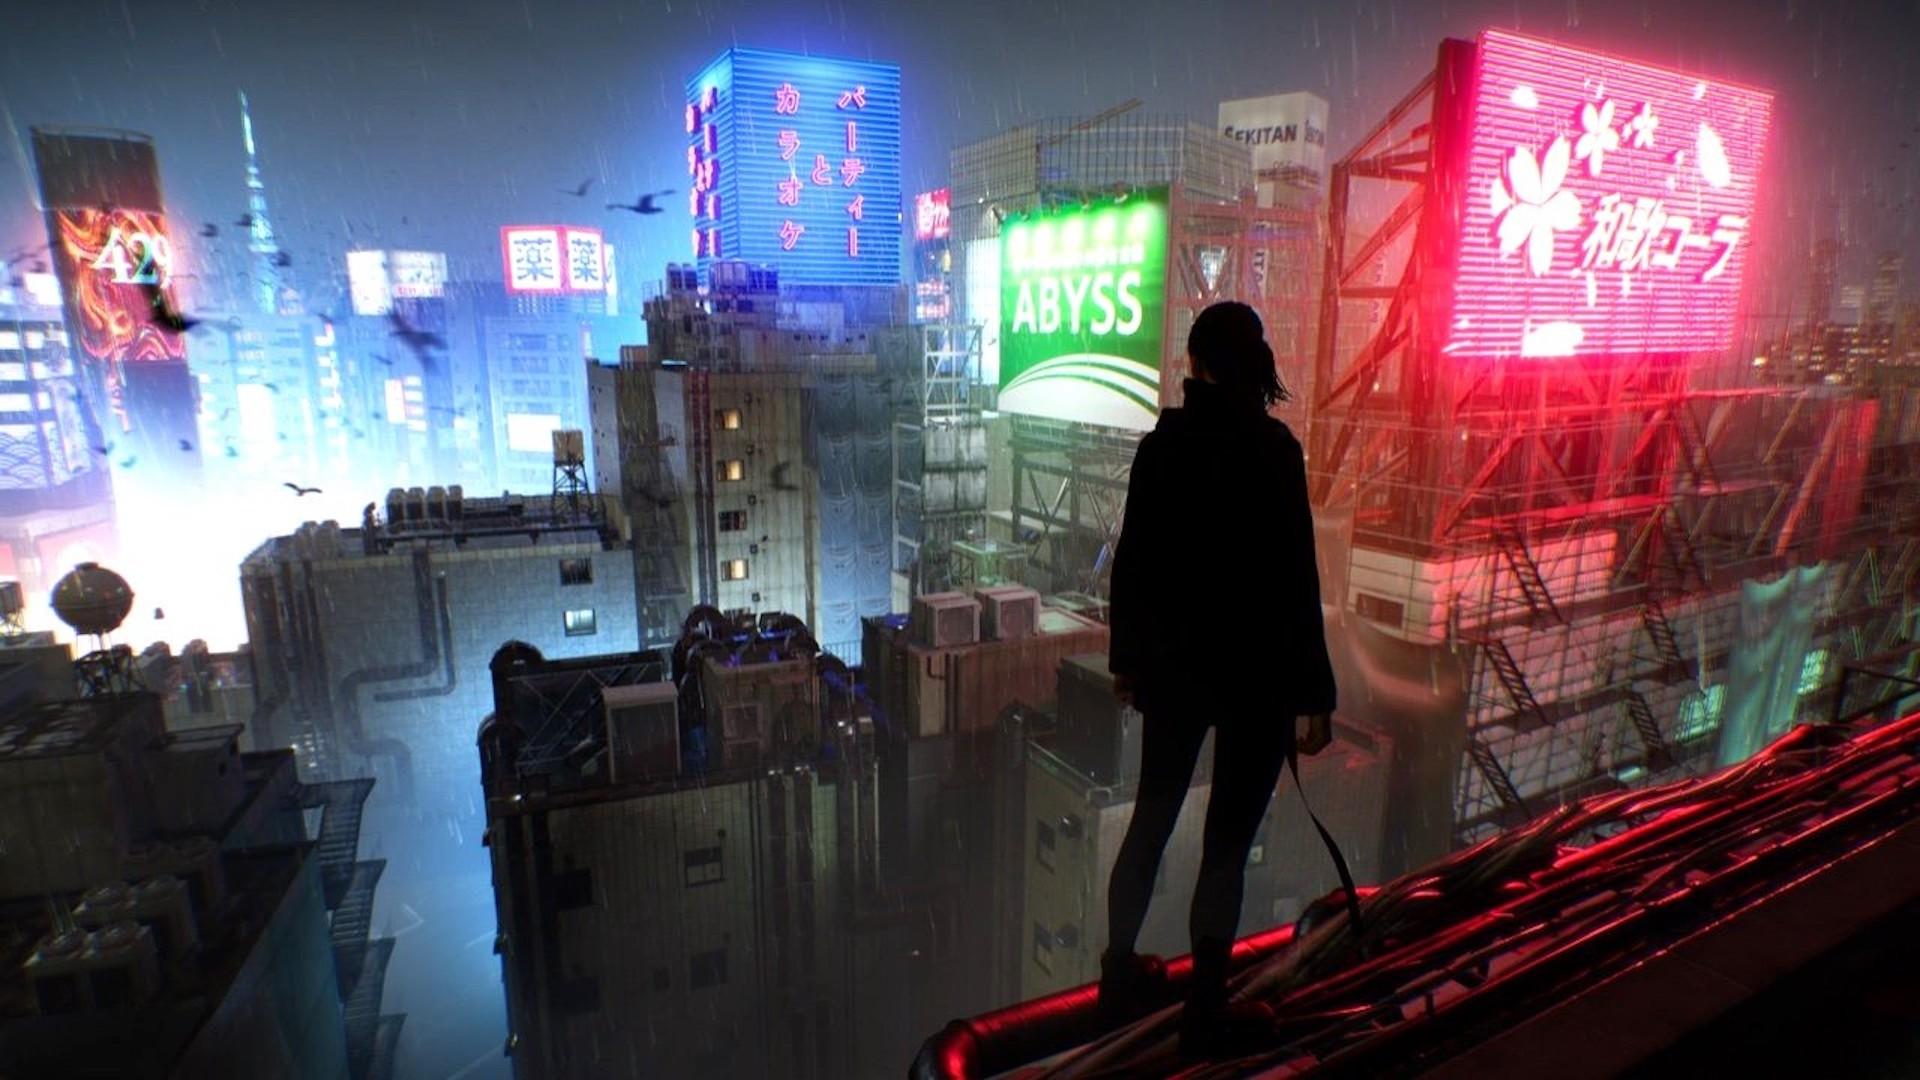 ghostwire tokyo hd wallpaper 72313